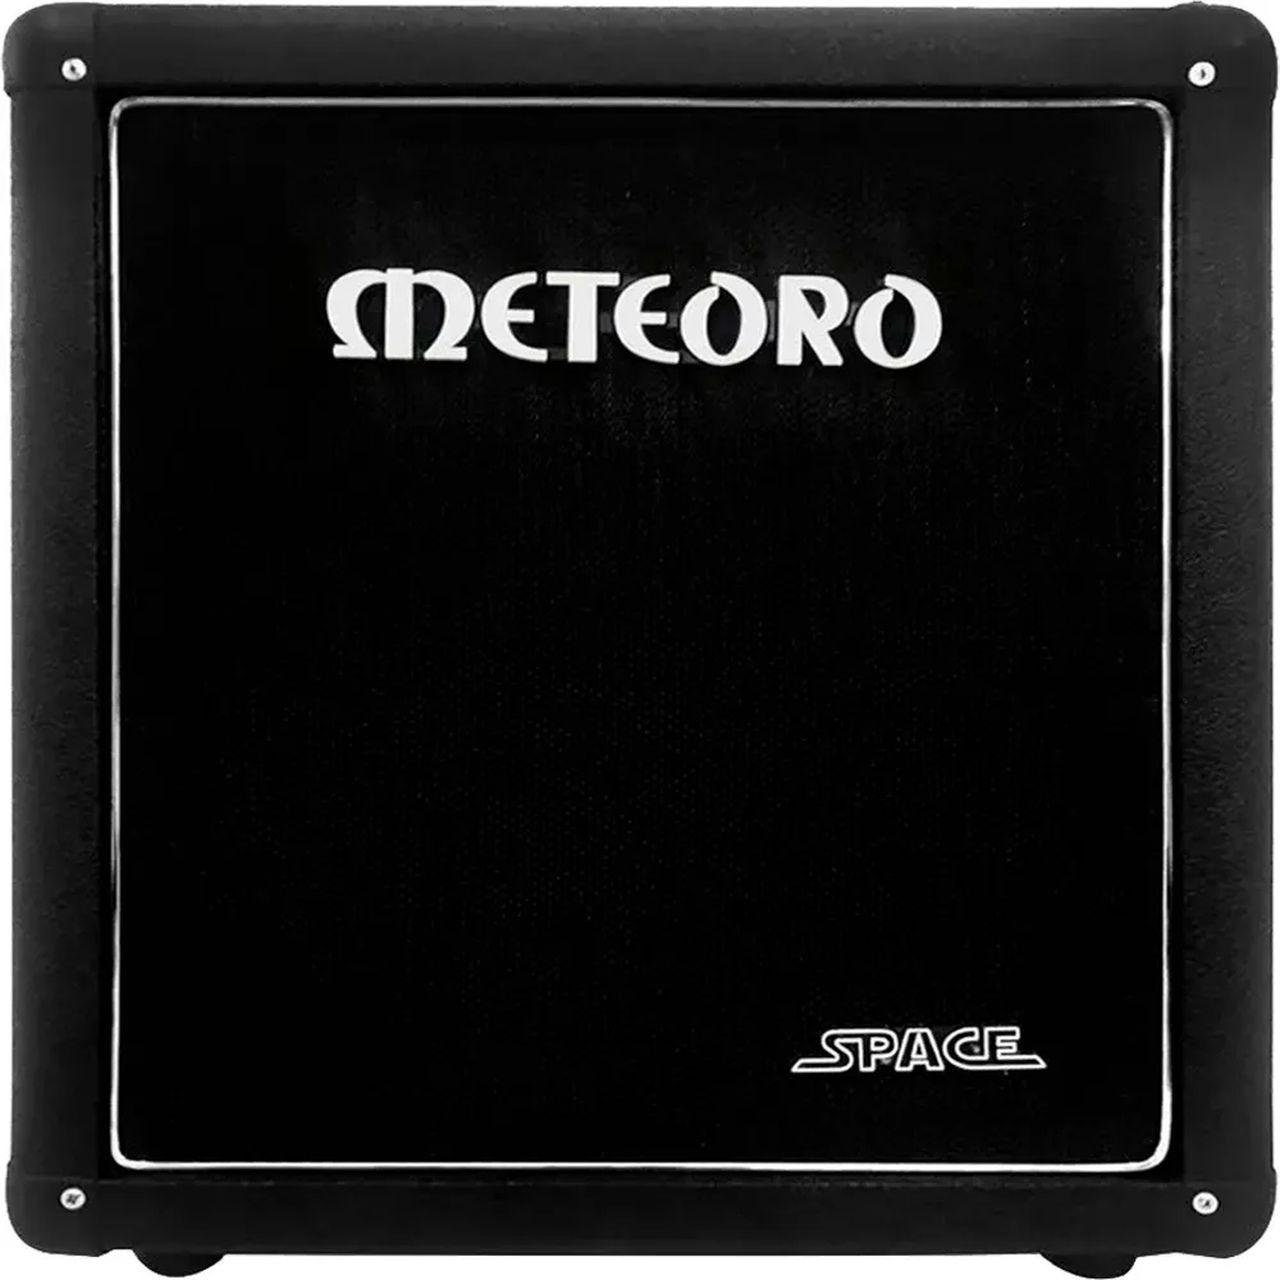 Amplificador de Contrabaixo Meteoro Space Bass 130 de 130 Watts RMS